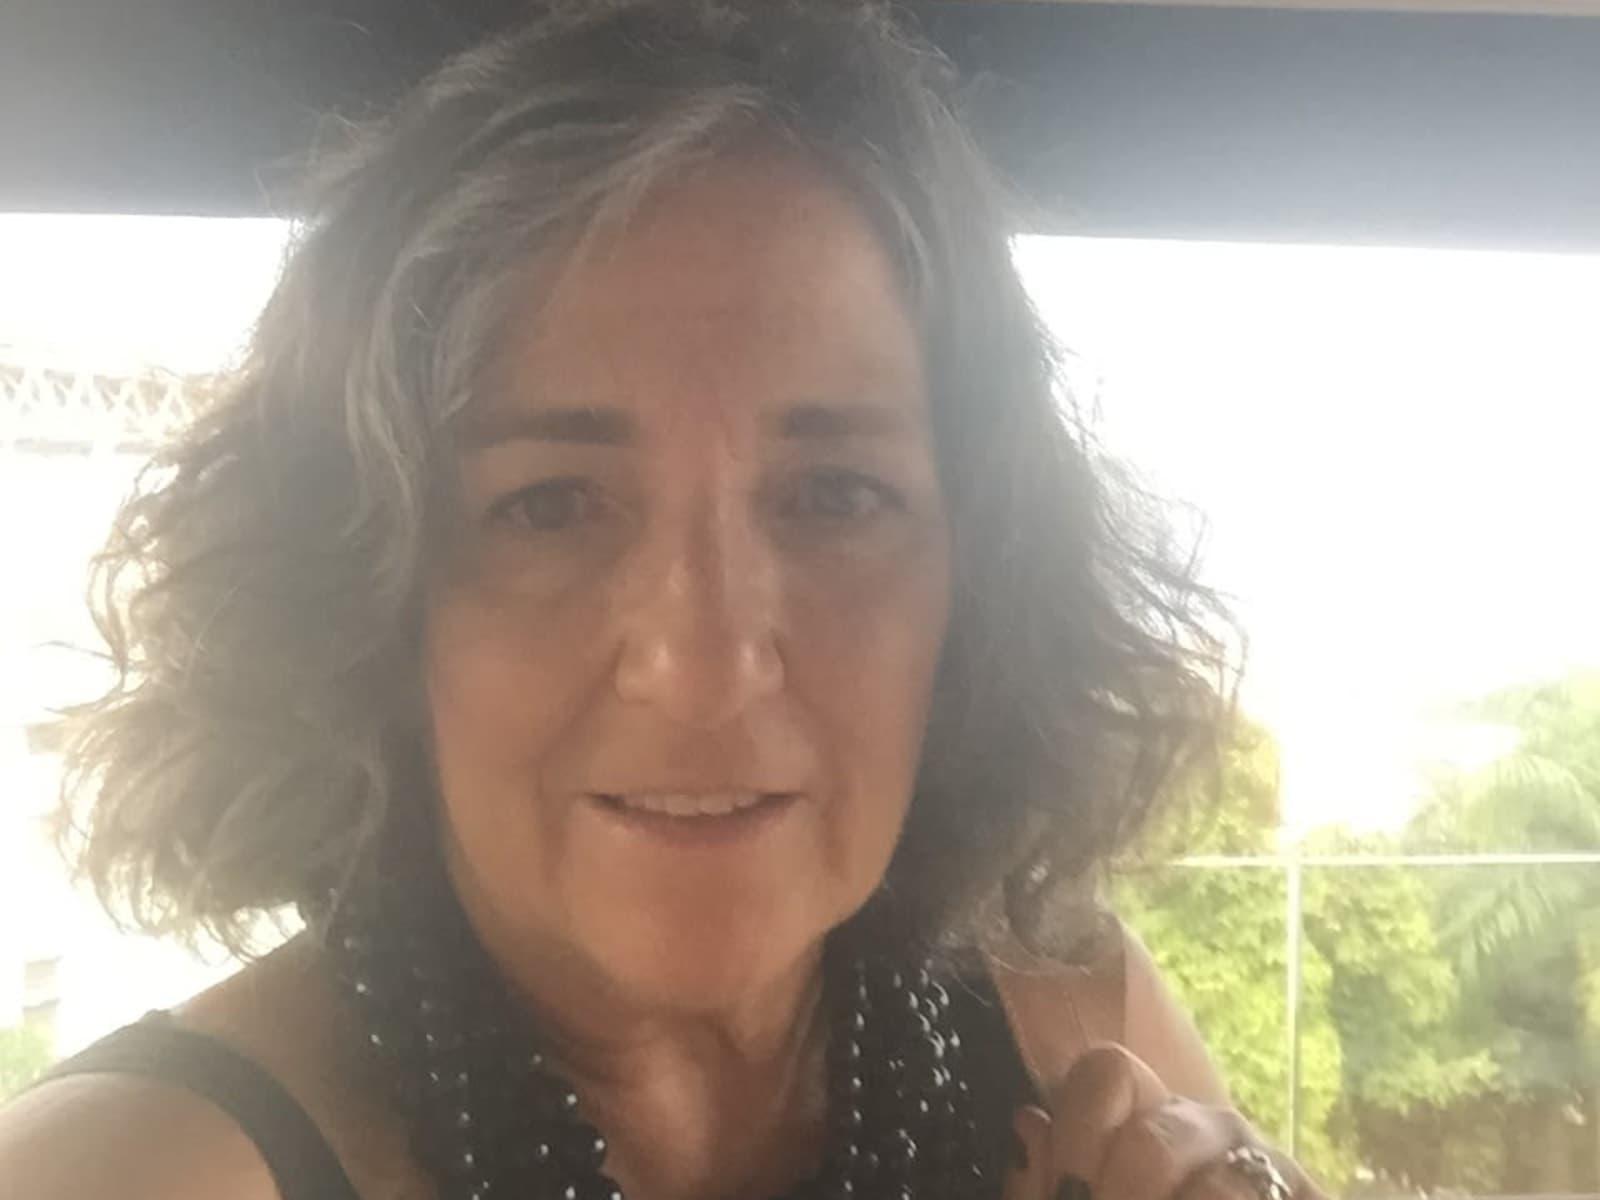 Flavia from Porto, Portugal